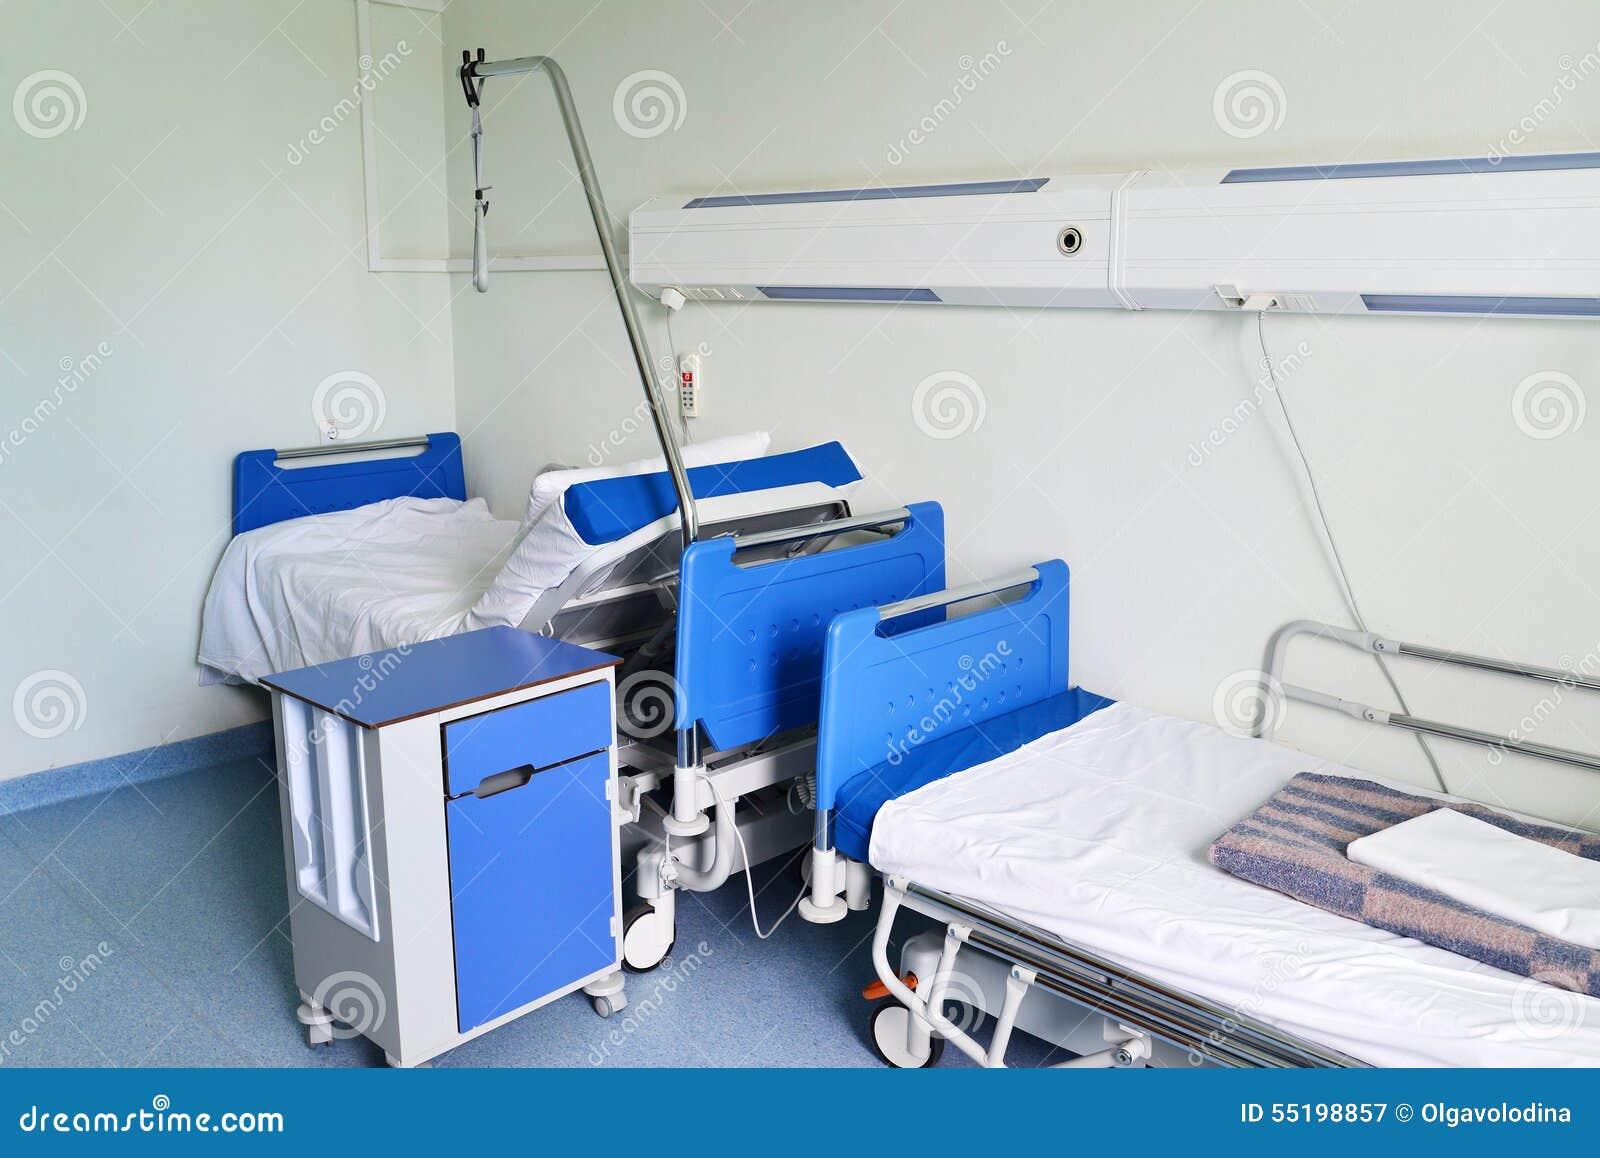 医院病床在一个私有医院病房里.图片